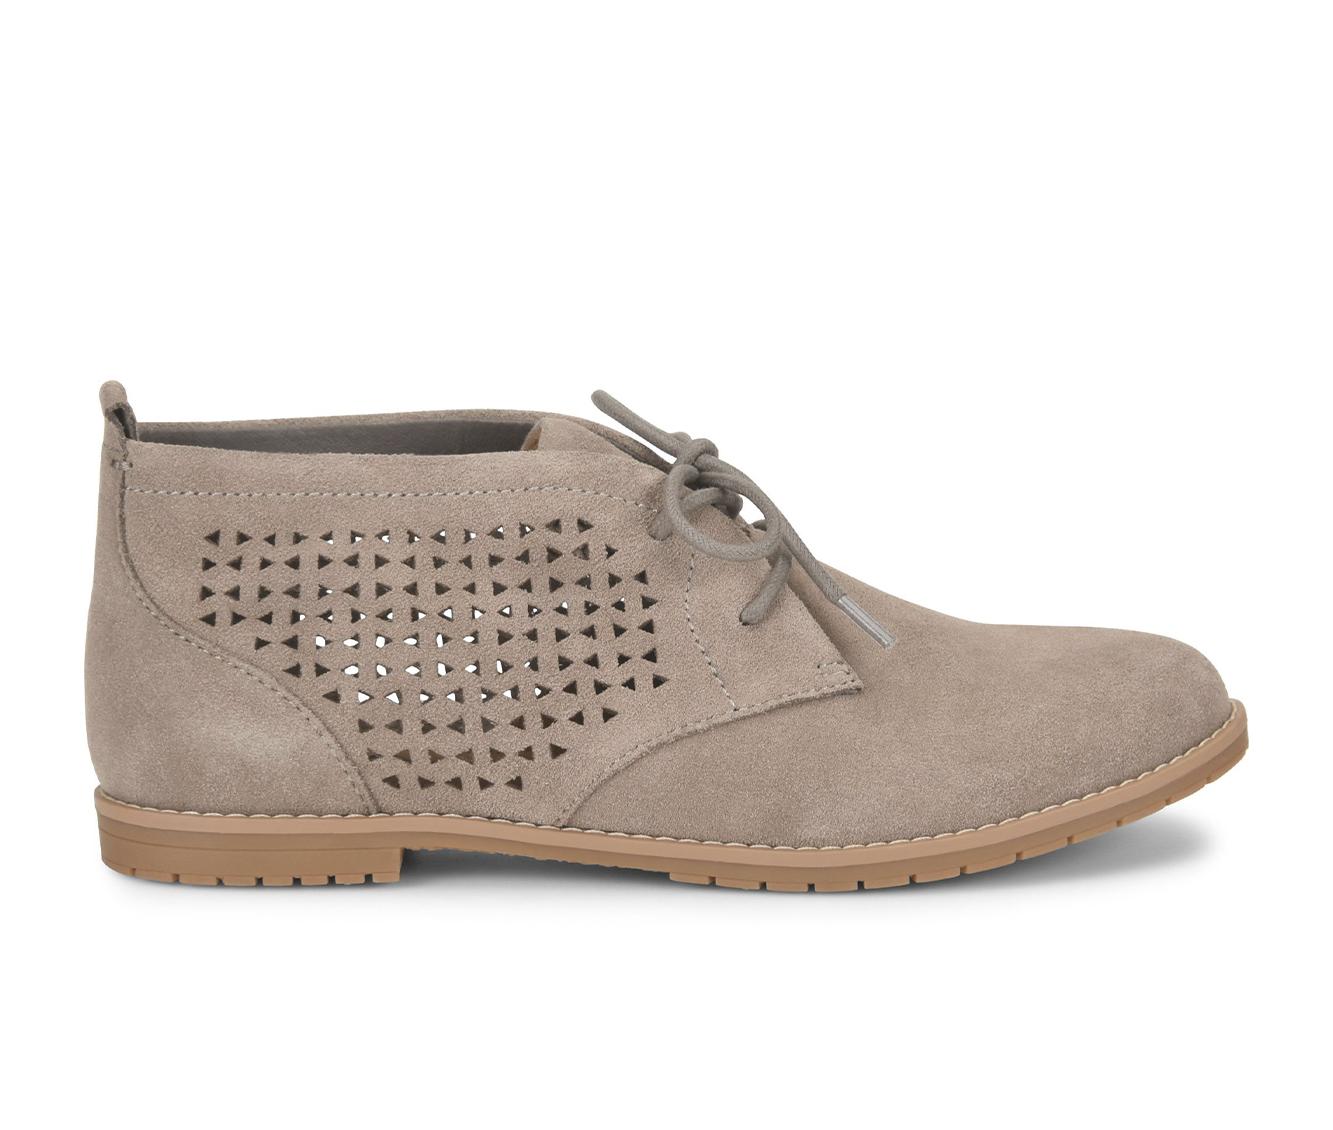 EuroSoft Emmeline Women's Shoe (Gray Suede)